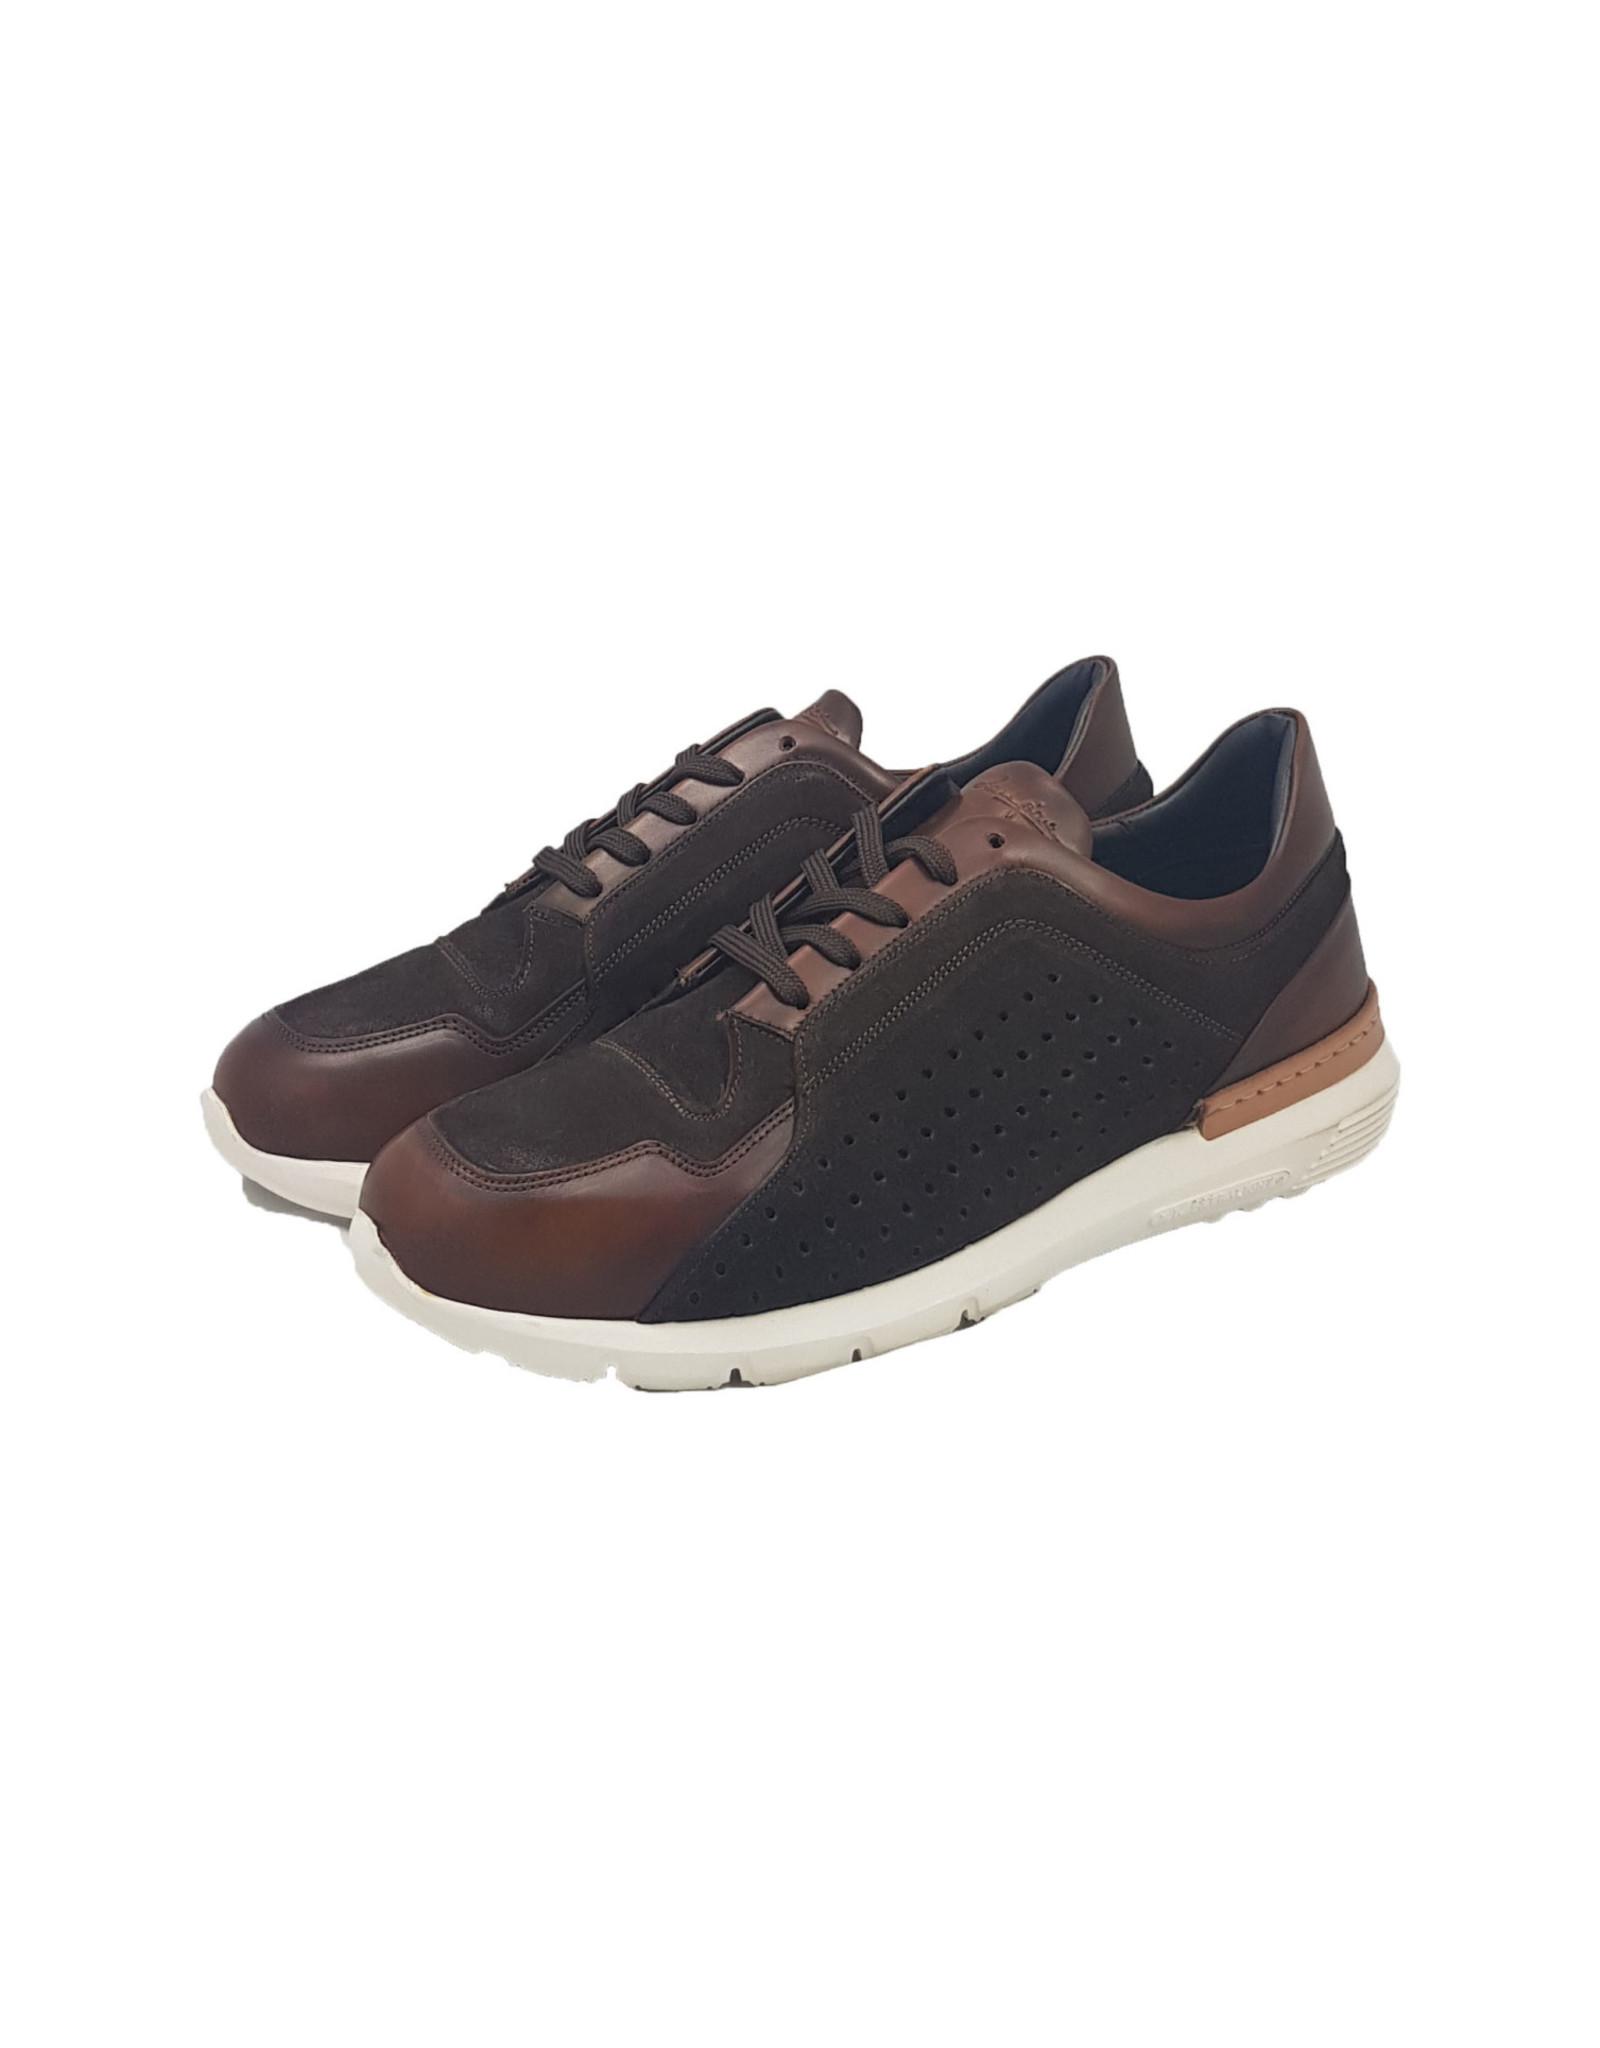 Zampiere Zampiere schoenen Delave Marrone M:5399